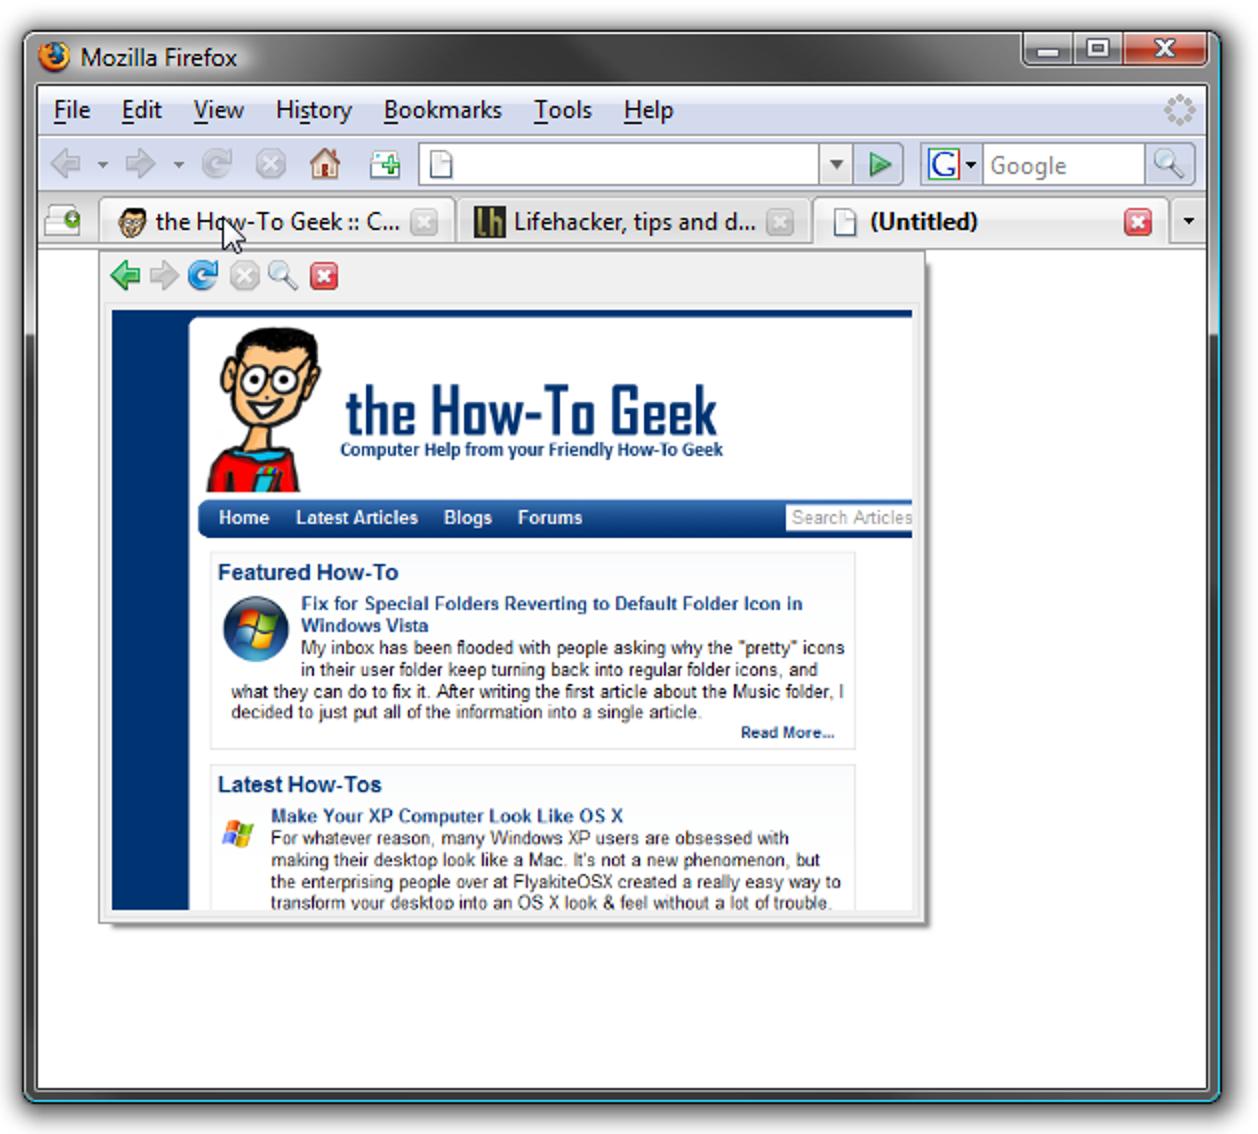 Popup-Vorschau im Vista-Stil für Firefox-Registerkarten